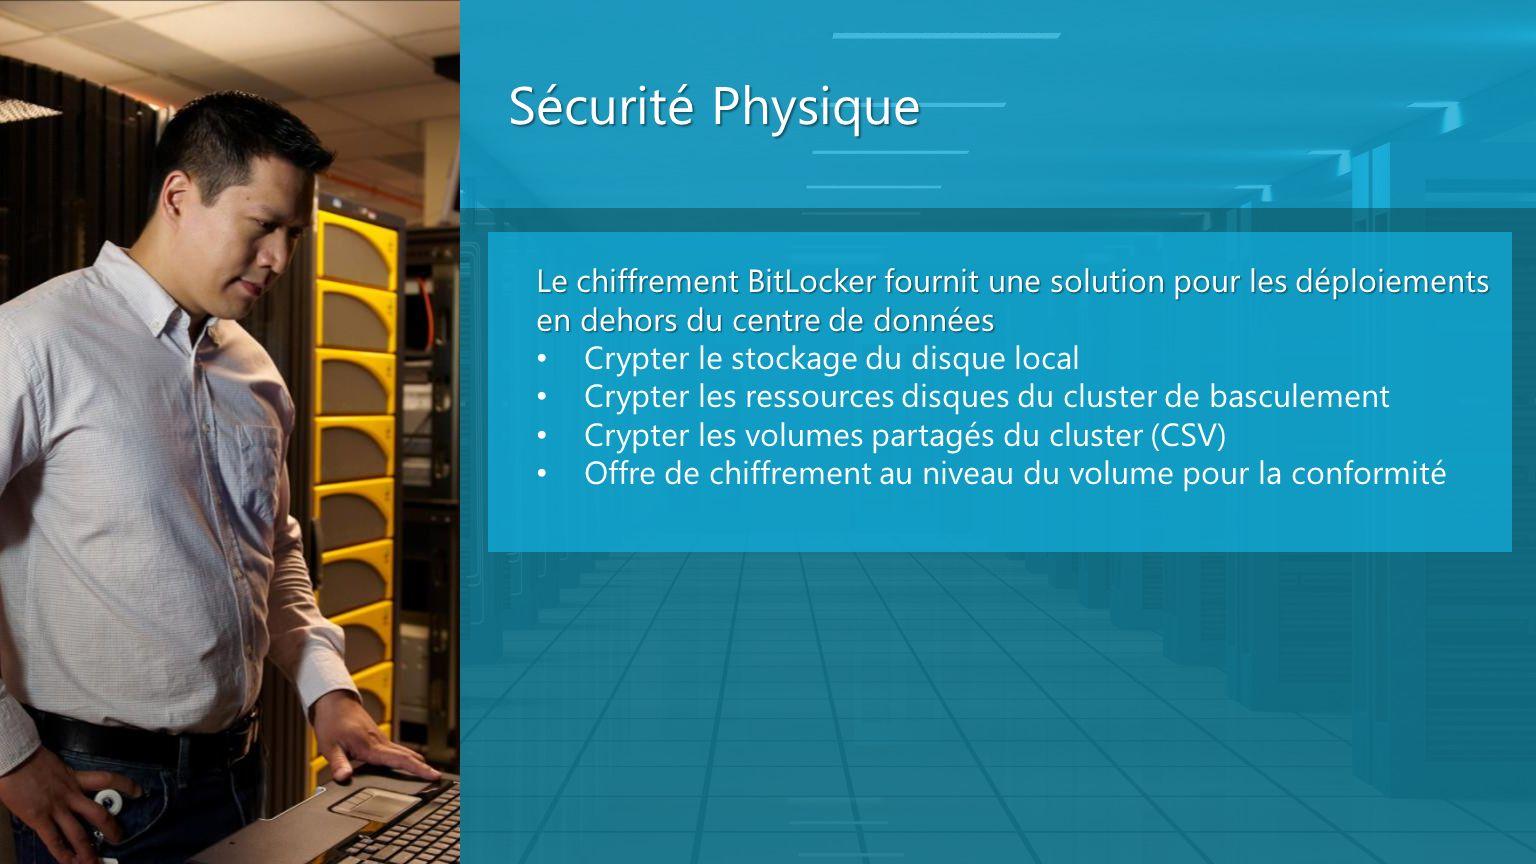 Sécurité PhysiqueLe chiffrement BitLocker fournit une solution pour les déploiements en dehors du centre de données.